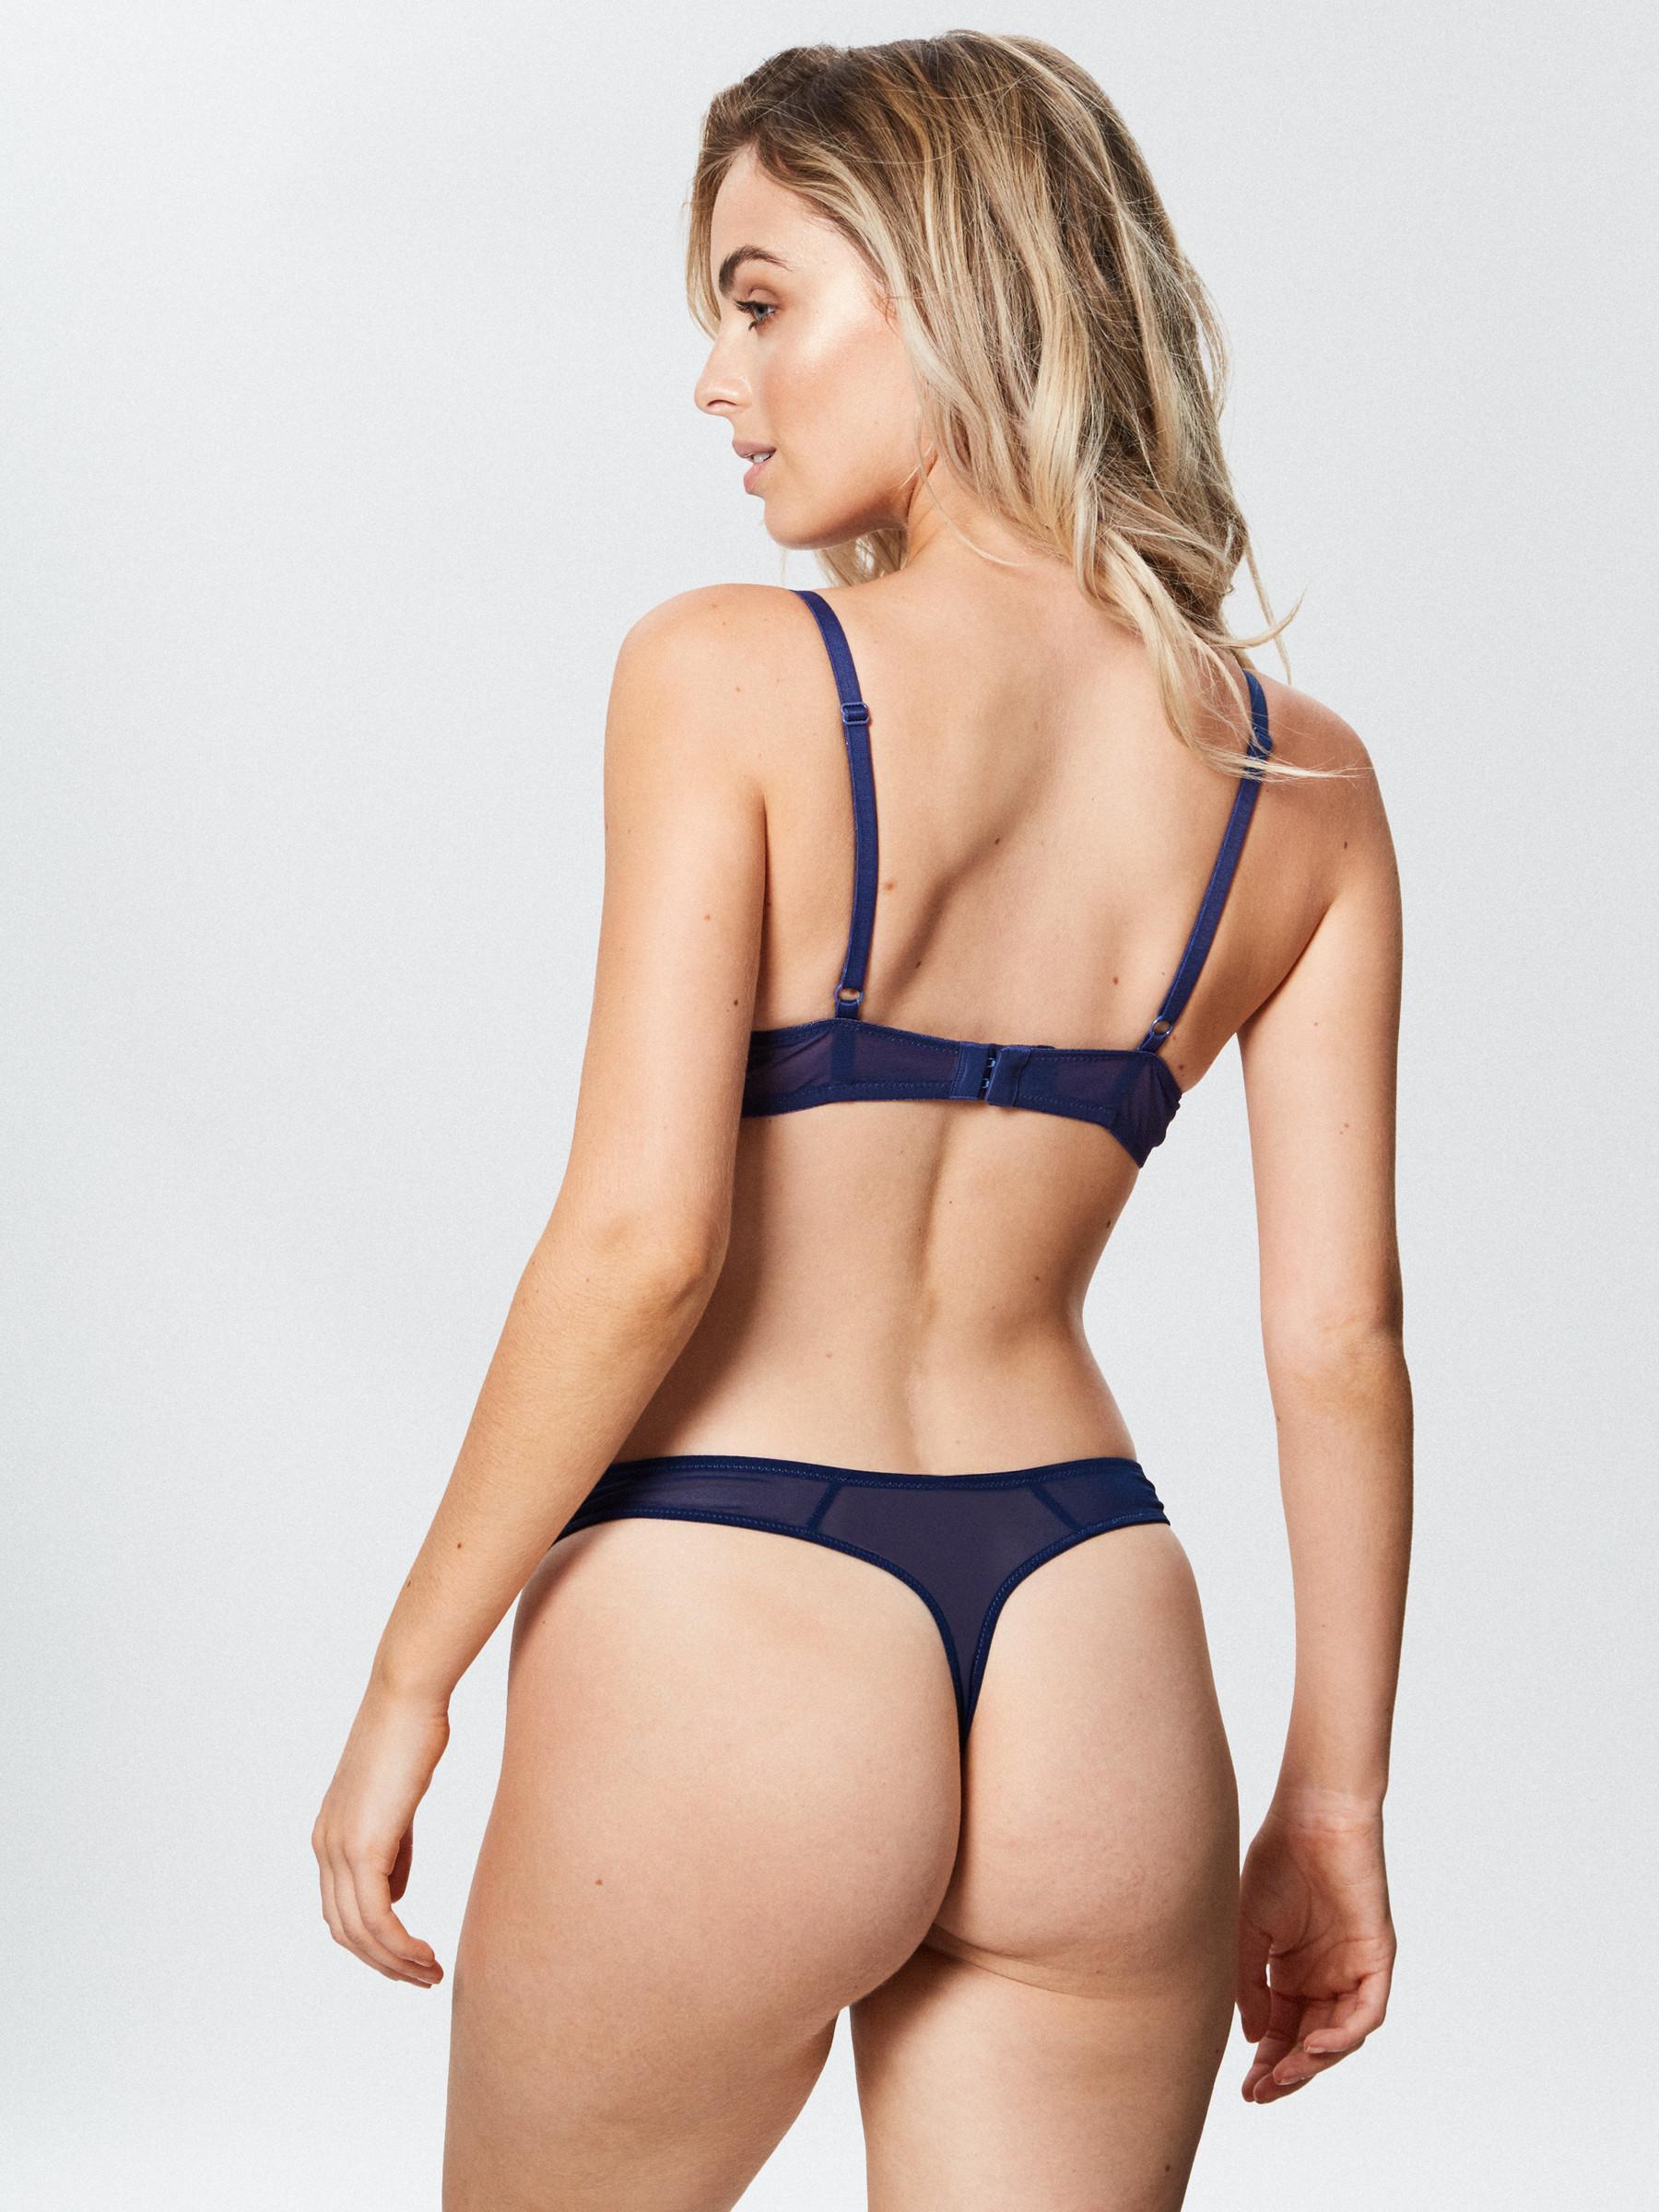 4509fec802 Ann Summers Womens Knickerbox Missy Bra Lace Sexy Lingerie Underwear ...